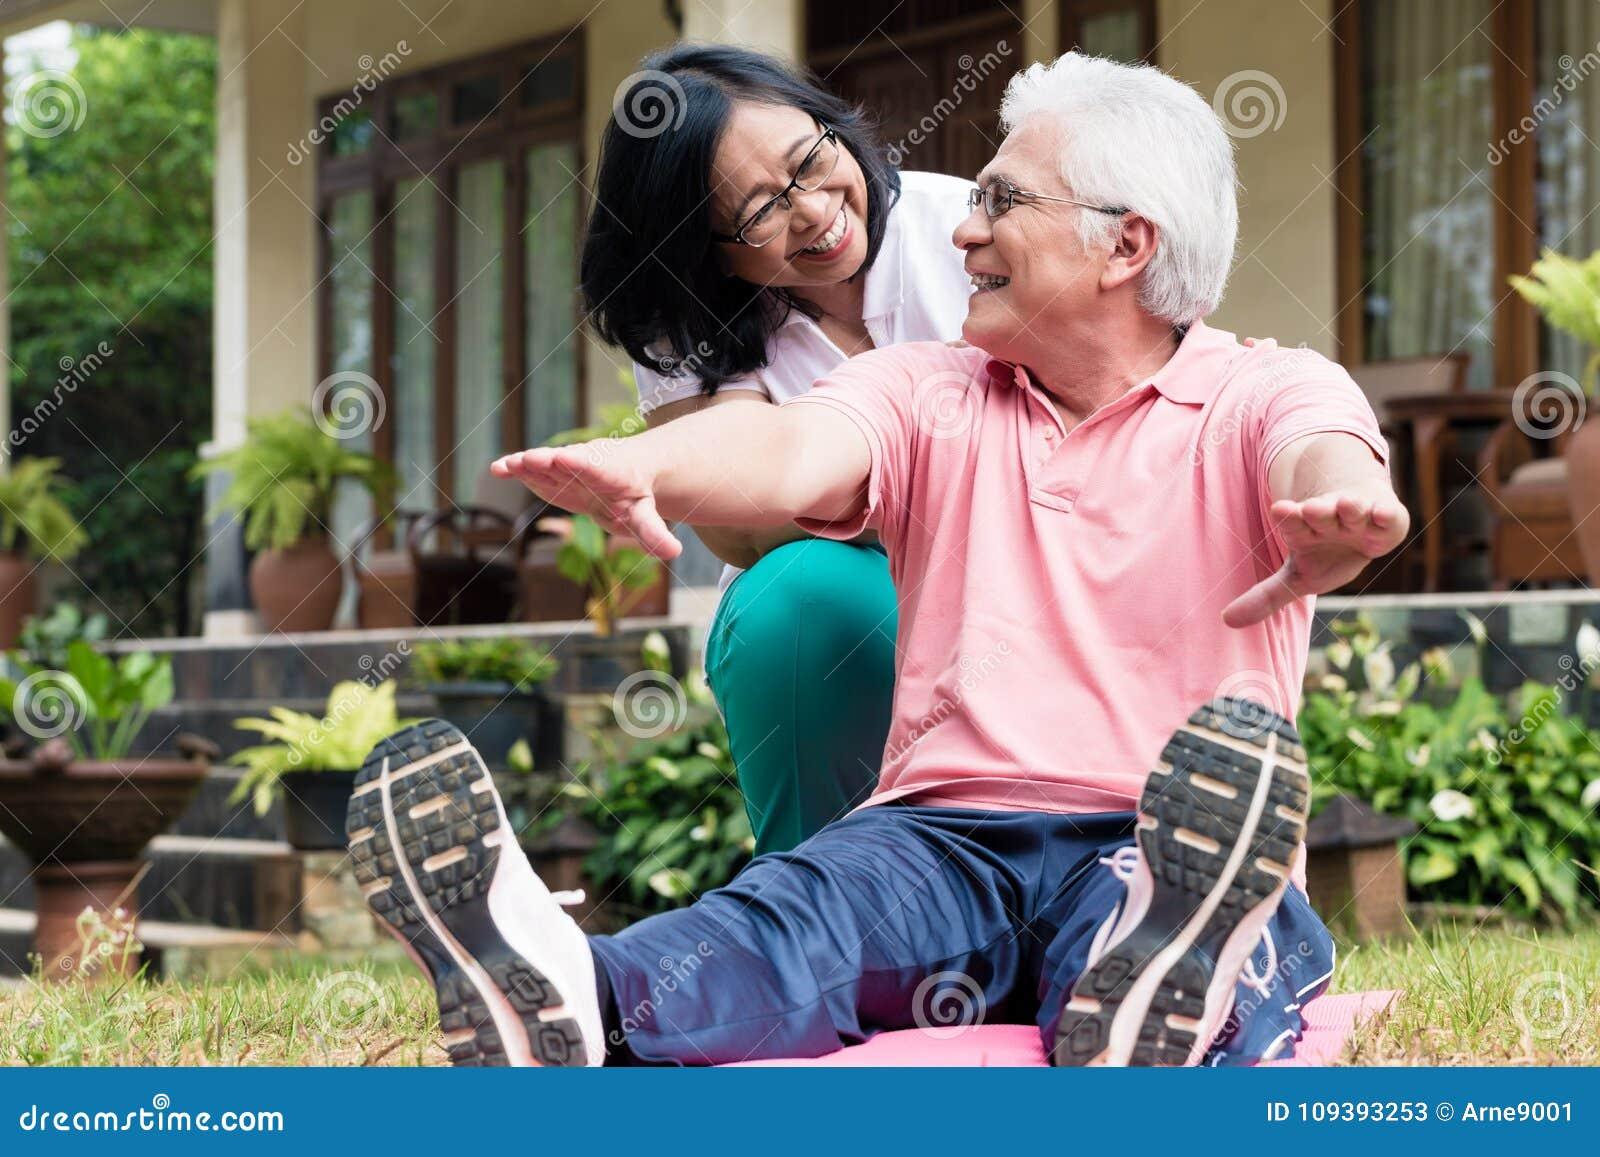 Vrolijke hogere vrouw die haar partner helpen tijdens trainingzitting